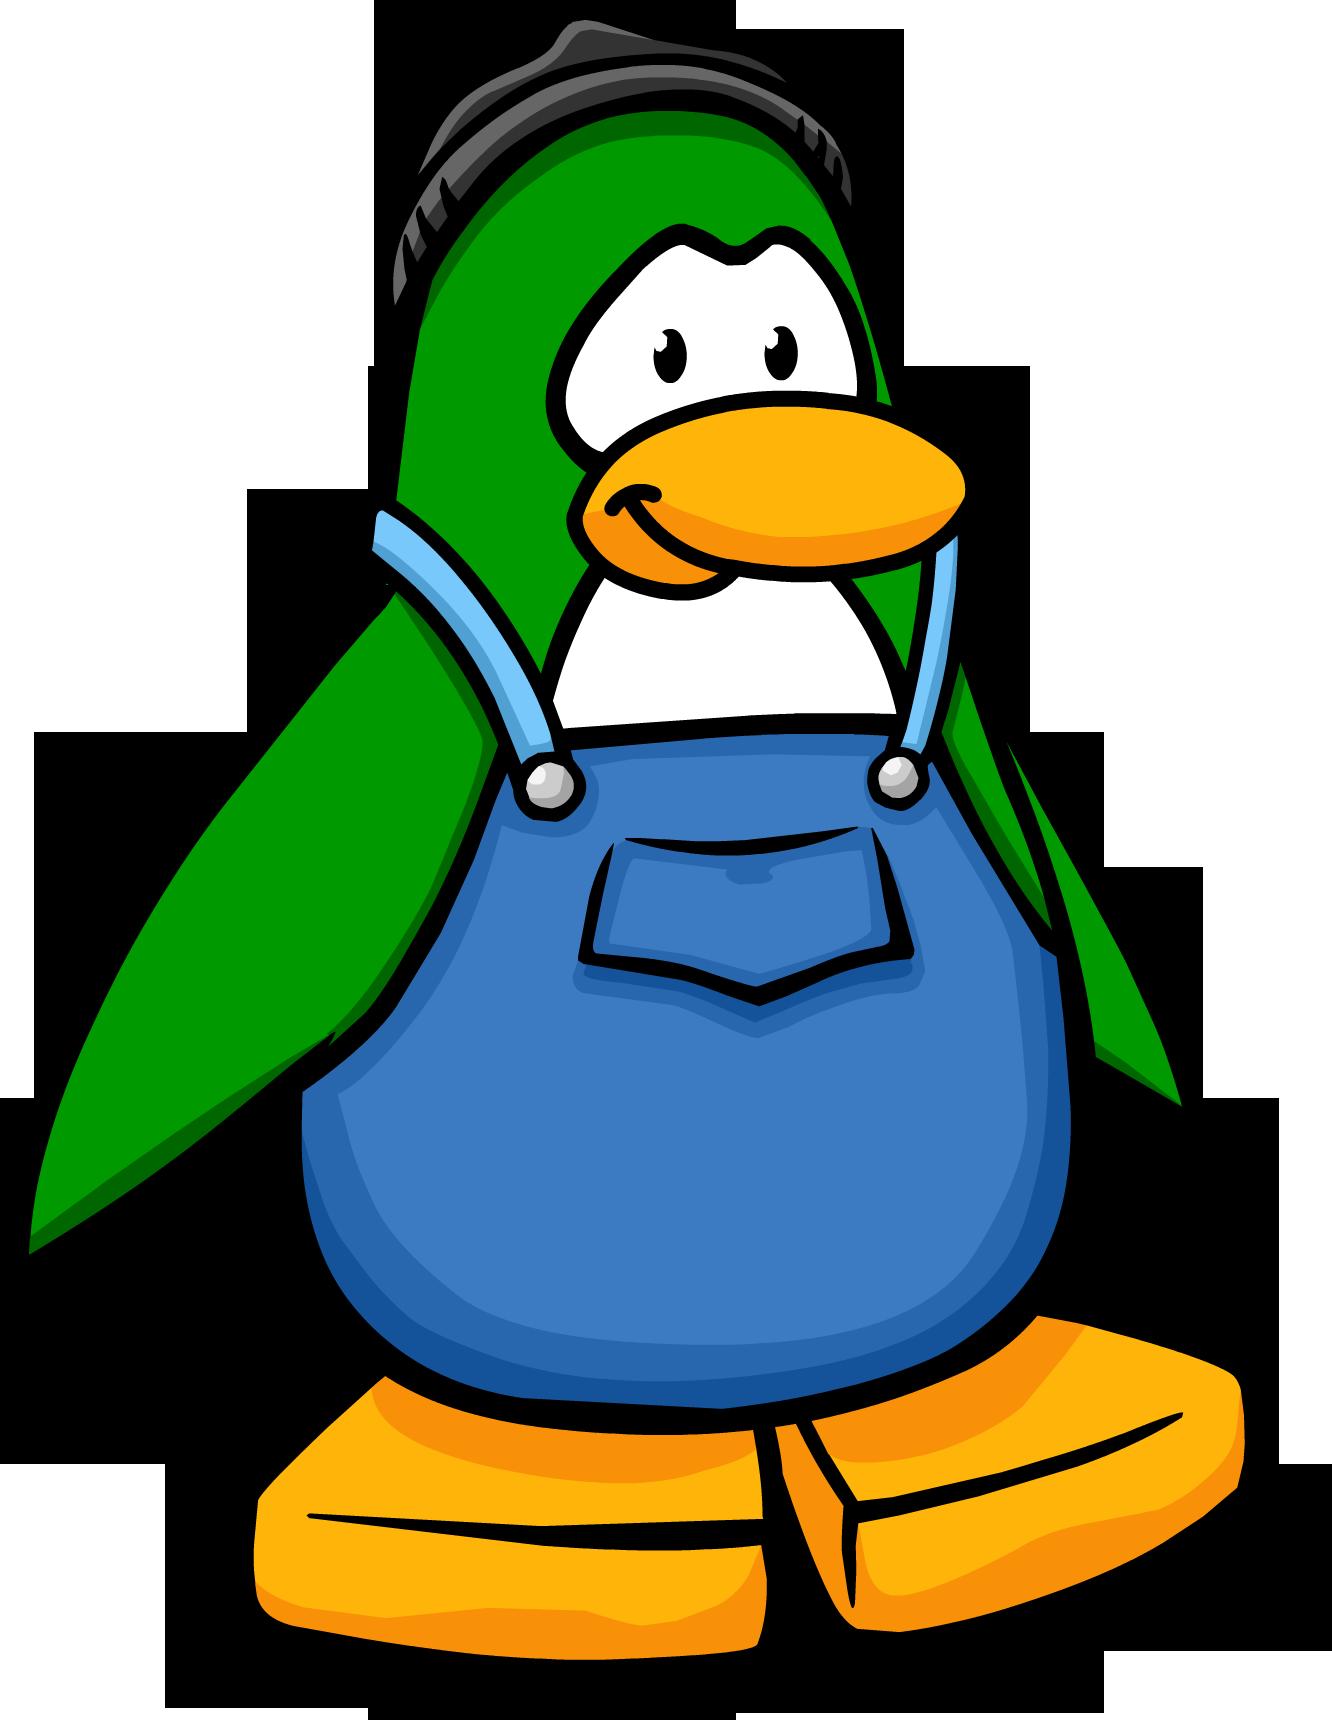 G Club Penguin Wiki Hydro-Hopper Penguin |...